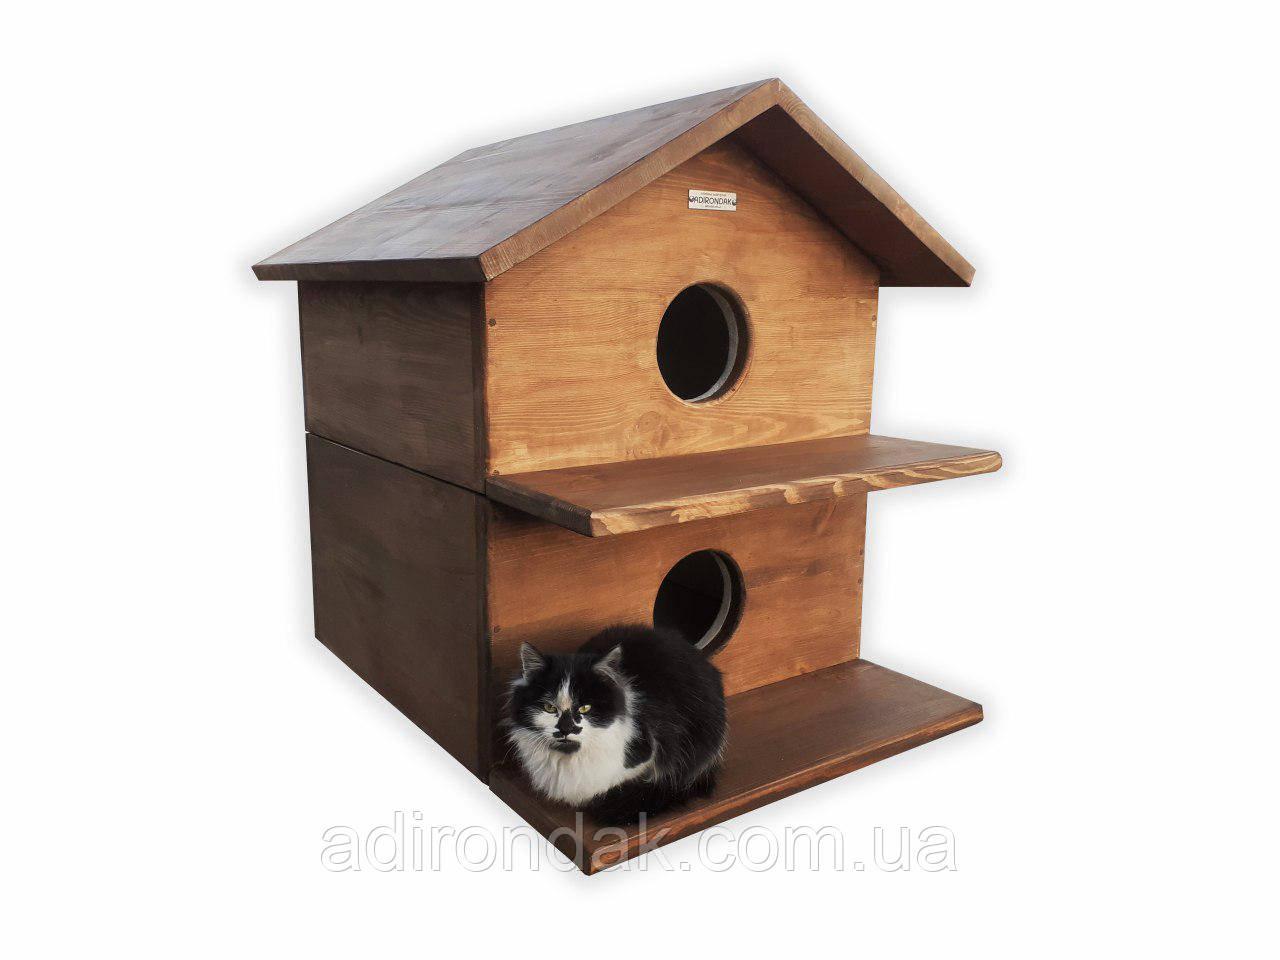 Домик для котов двухэтажный, утепленный 50х50 см